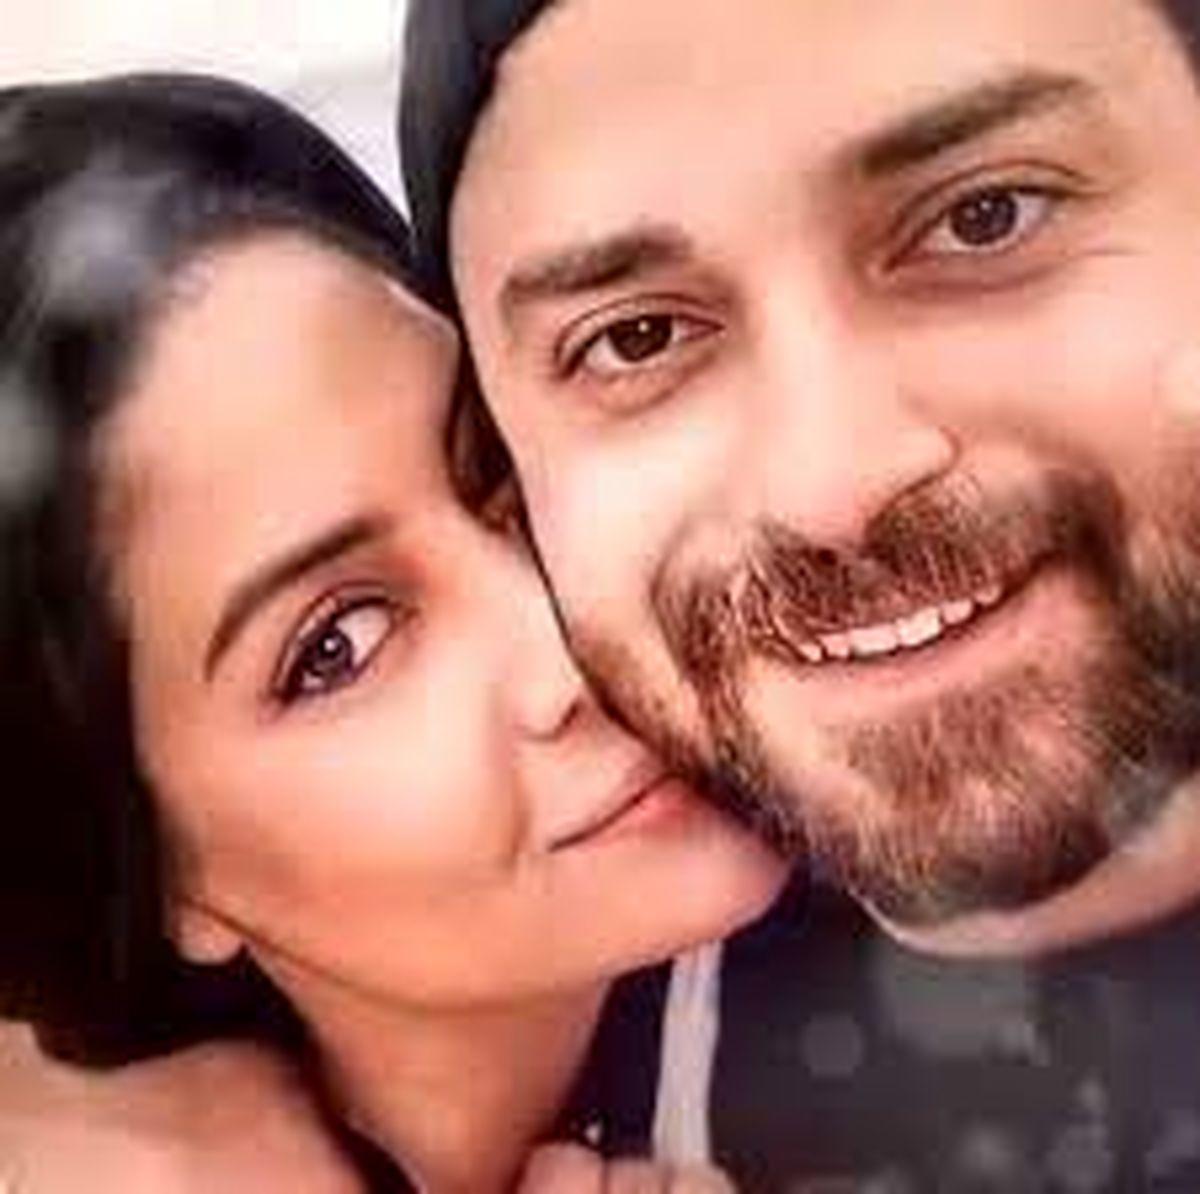 ست جذاب بابک جهانبخش و همسرش + عکس